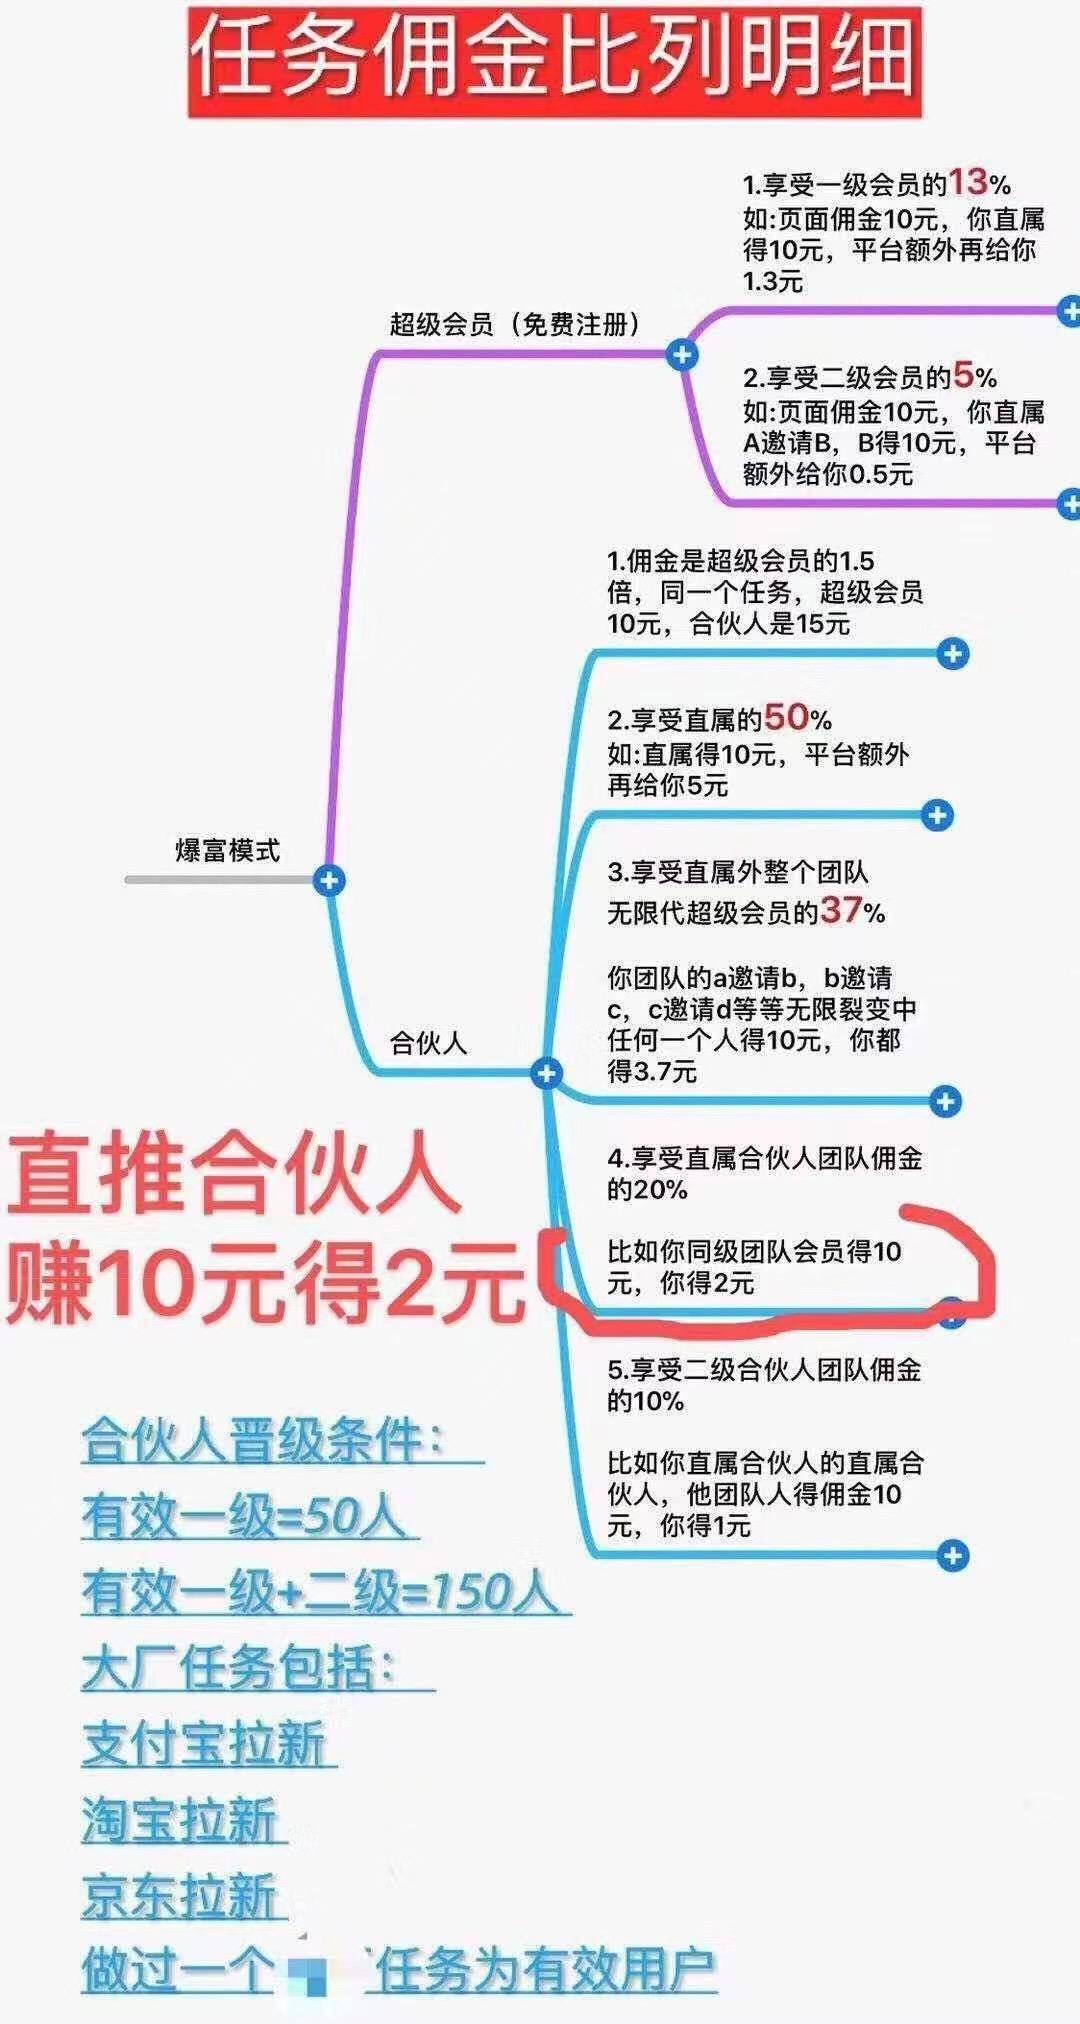 贝壳满满平台官方介绍超详细版